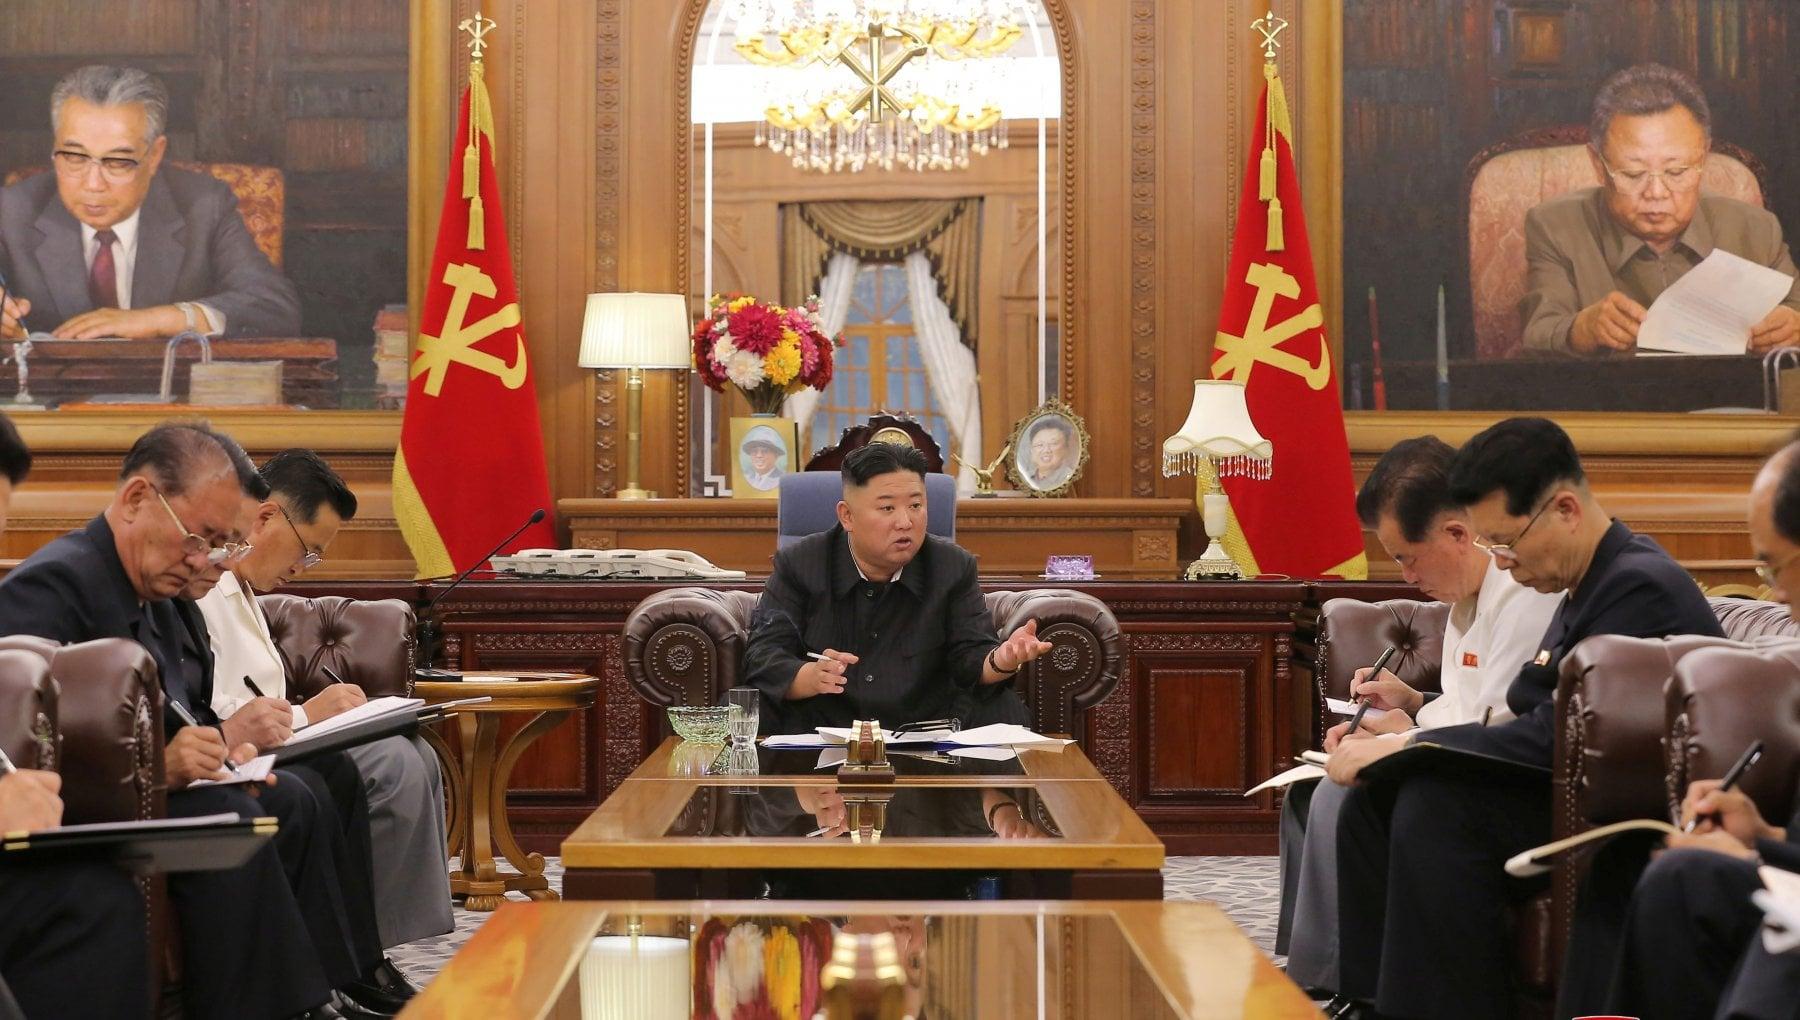 163812489 df4c5b57 942c 4c6c 8998 5a9a6d29a504 - Nord Corea, occhio al cinturino: Kim Jong-un è dimagrito. E Seul si preoccupa